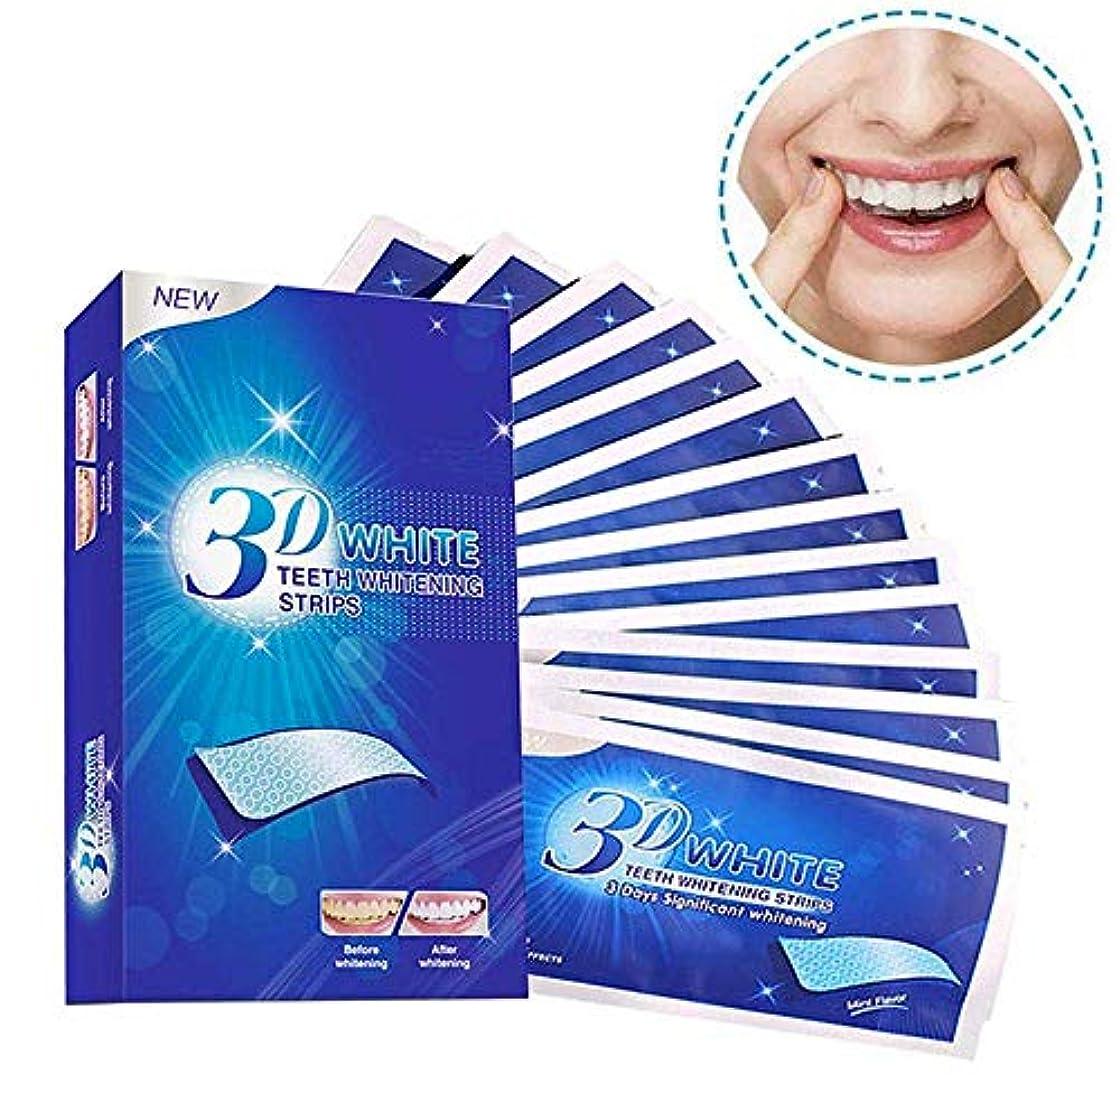 したい放棄する元に戻す歯 美白 ホワイトニング マニキュア 歯ケア 歯のホワイトニング 美白歯磨き 歯を白 ホワイトニングテープ 歯を漂白 7セット/14枚 (7セット/14枚)